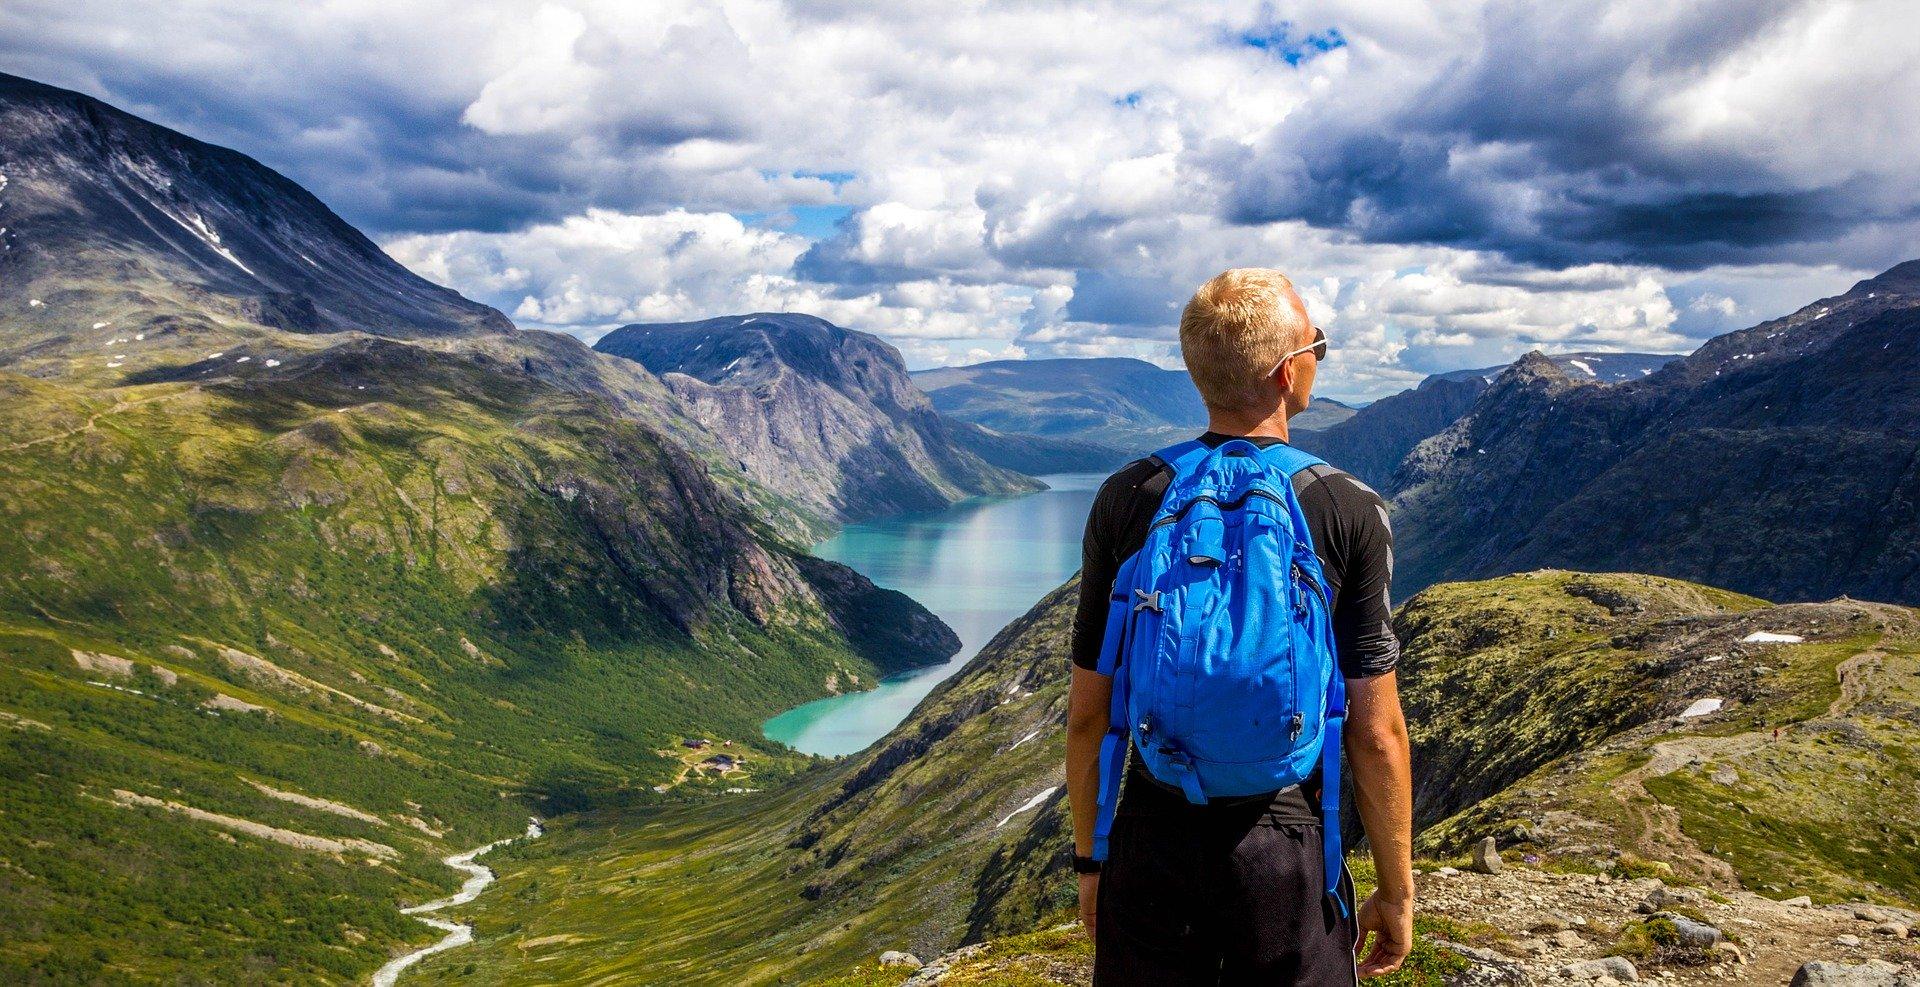 Laufrucksack auch fuer das Wandern geeignet